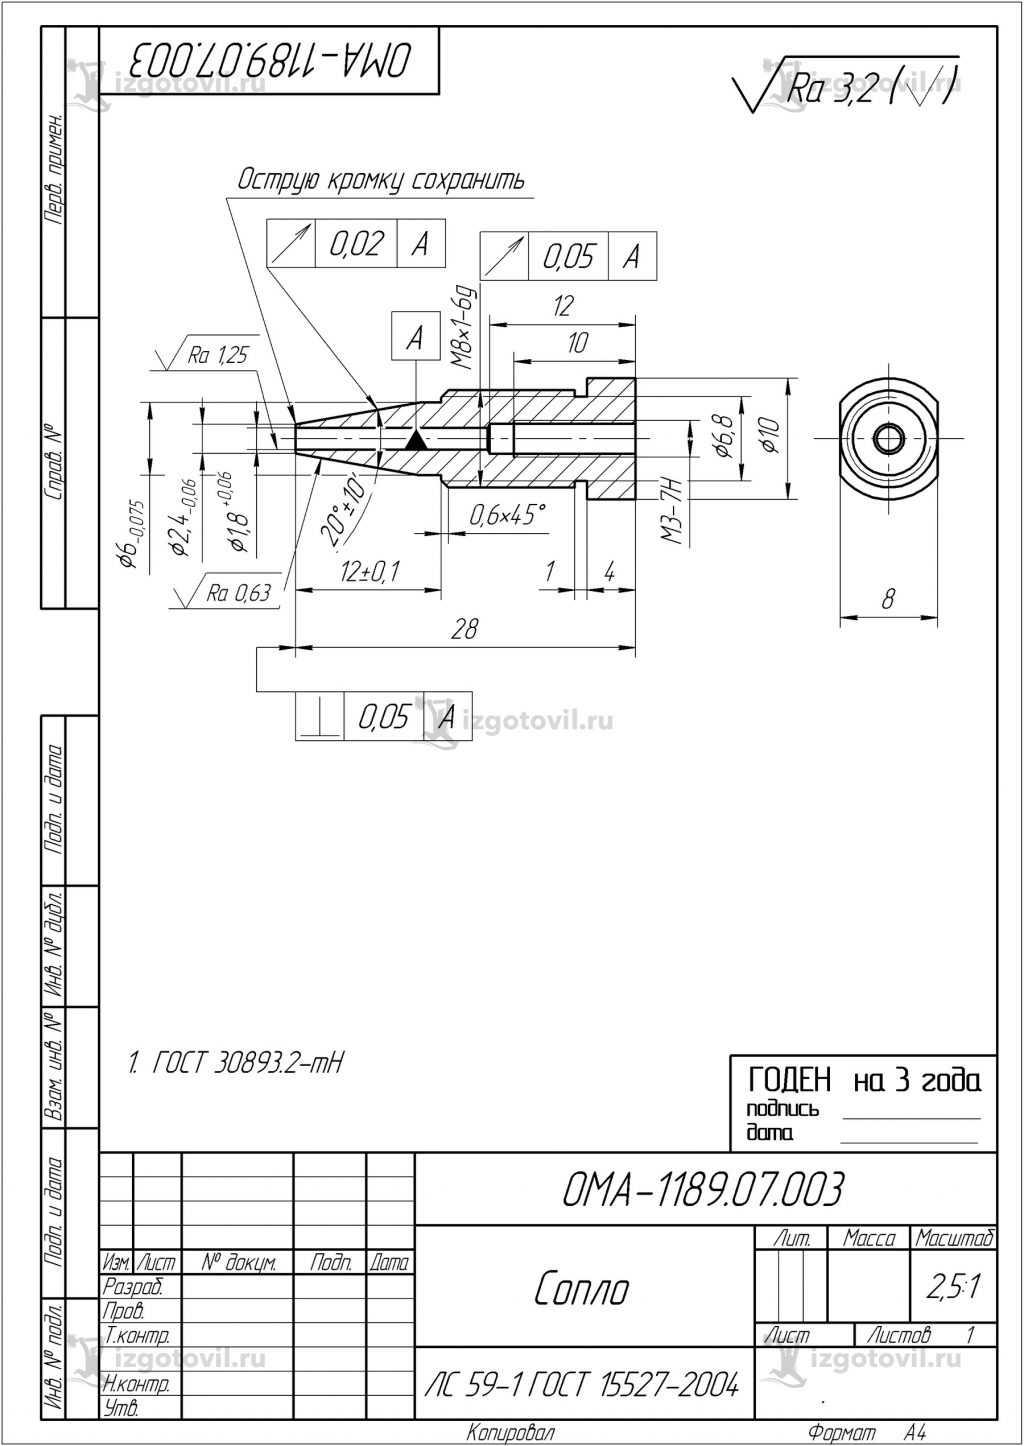 Изготовление цилиндрических деталей (деталь)